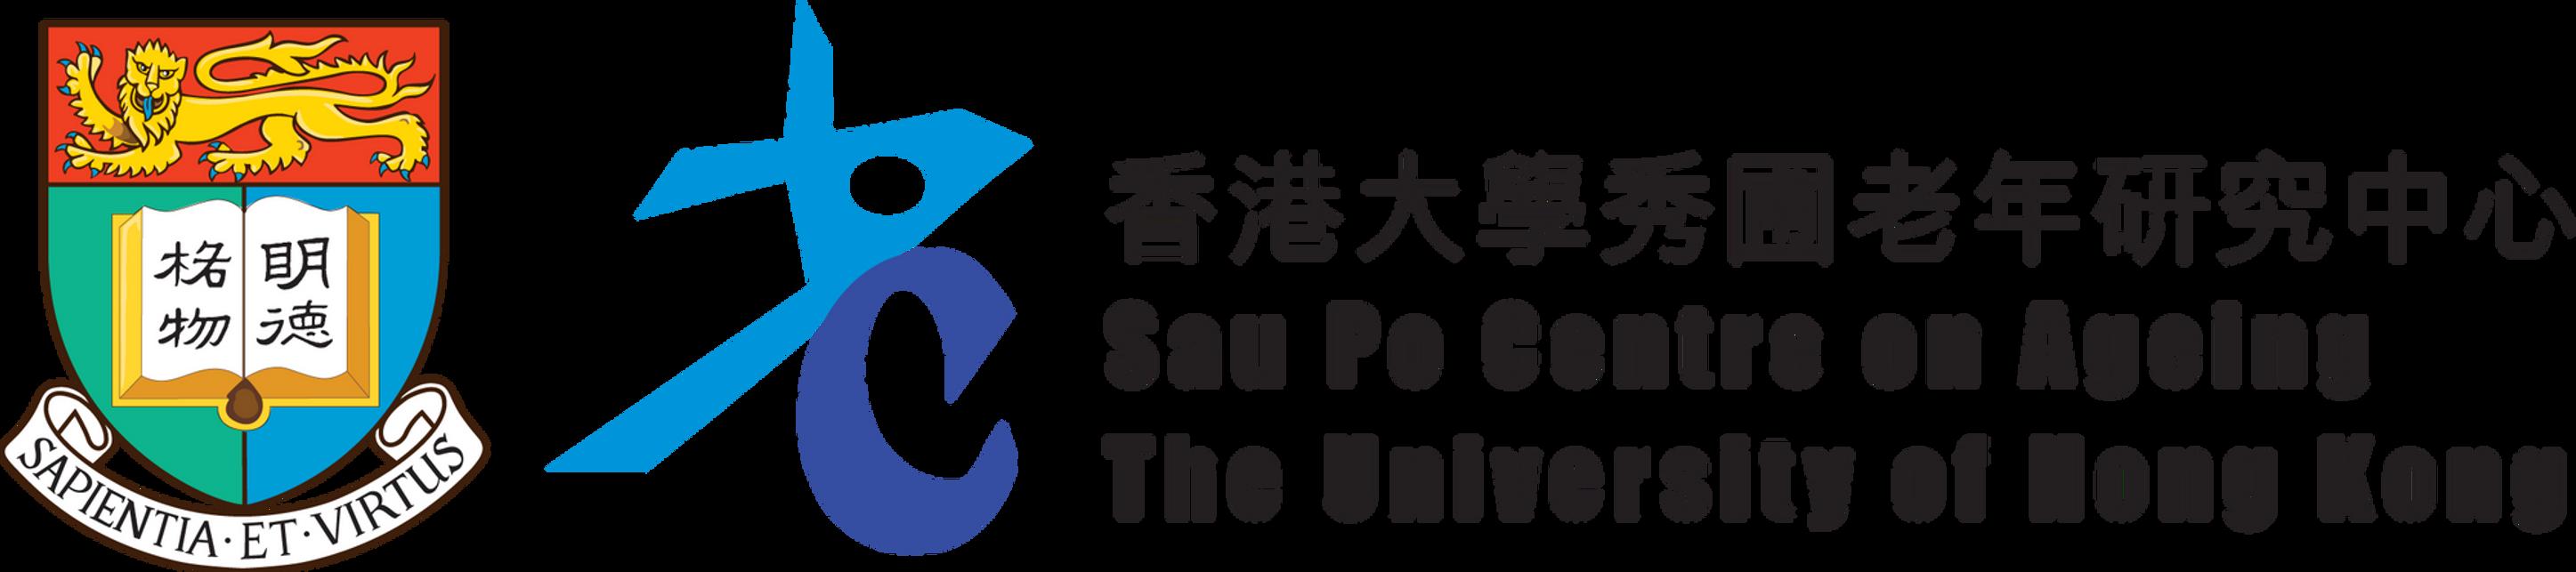 HKU CoA Logo